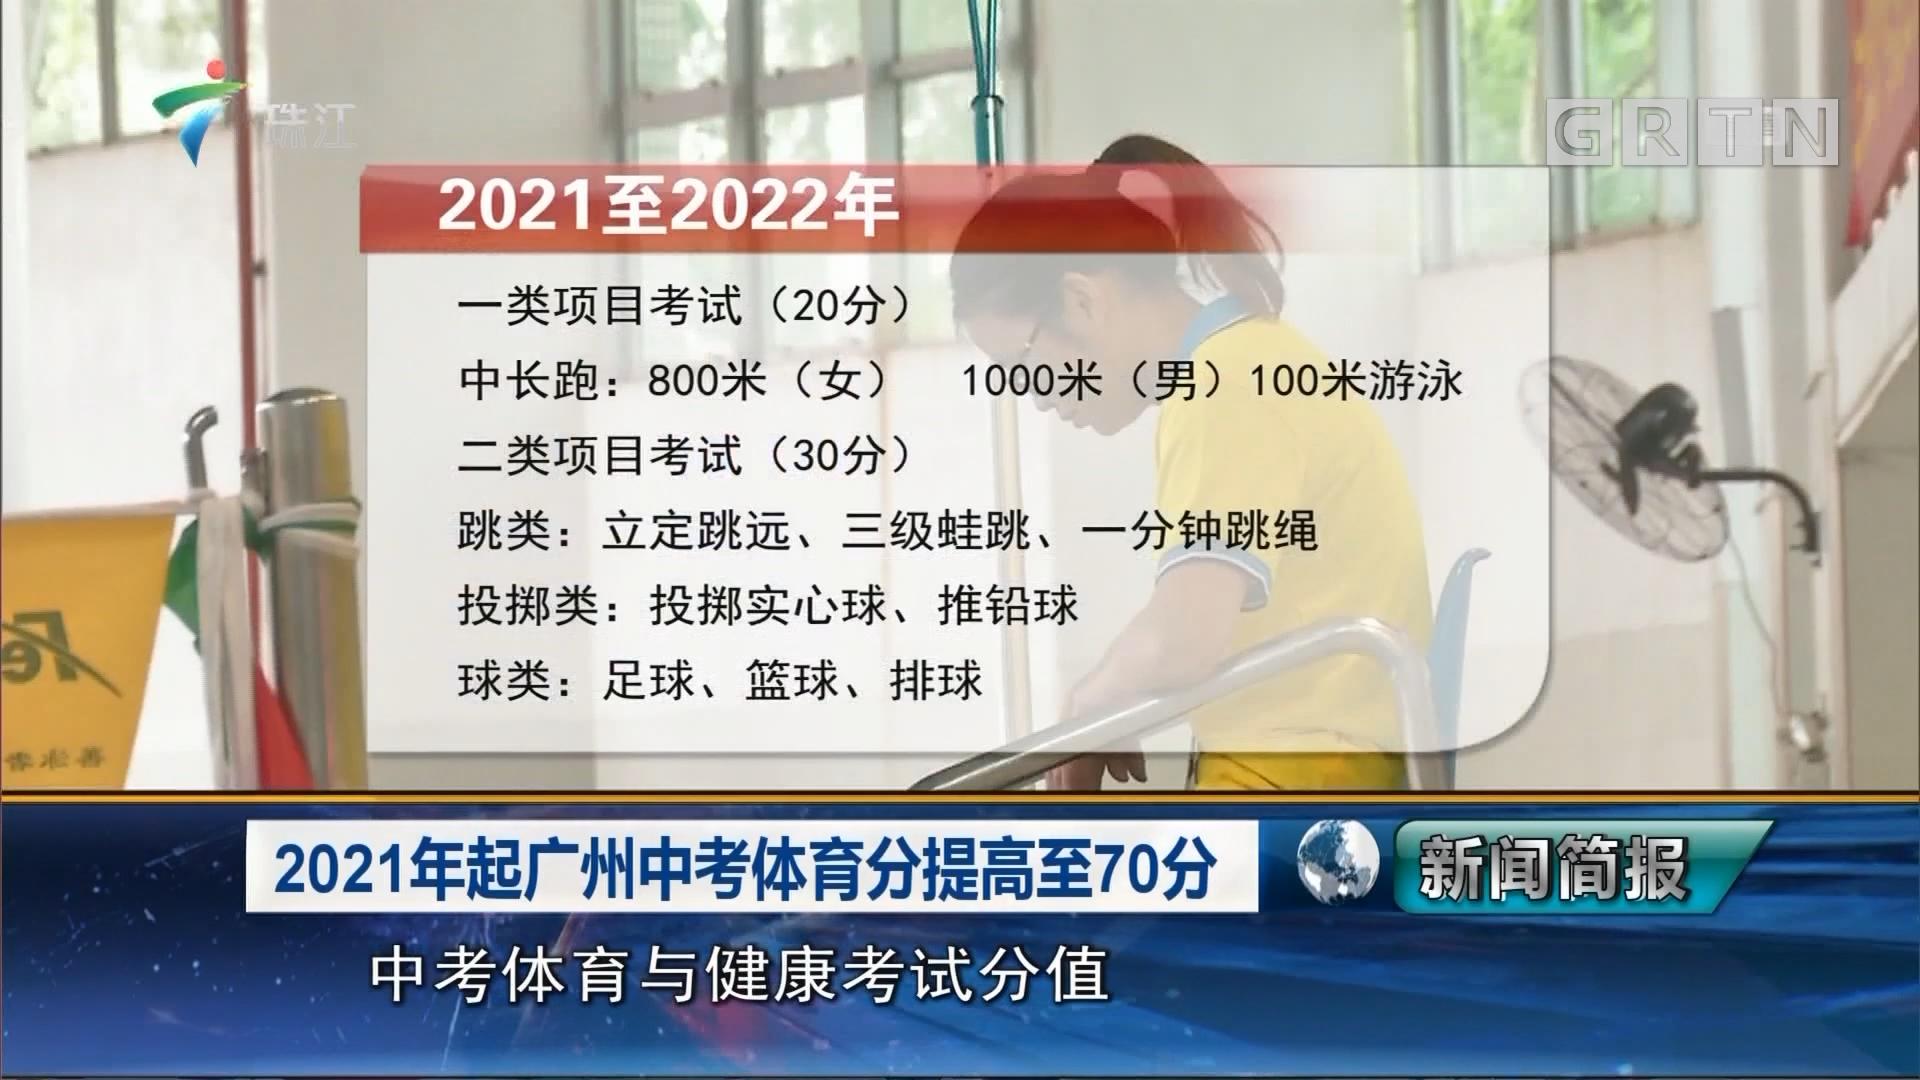 2021年起广州中考体育分提高至70分